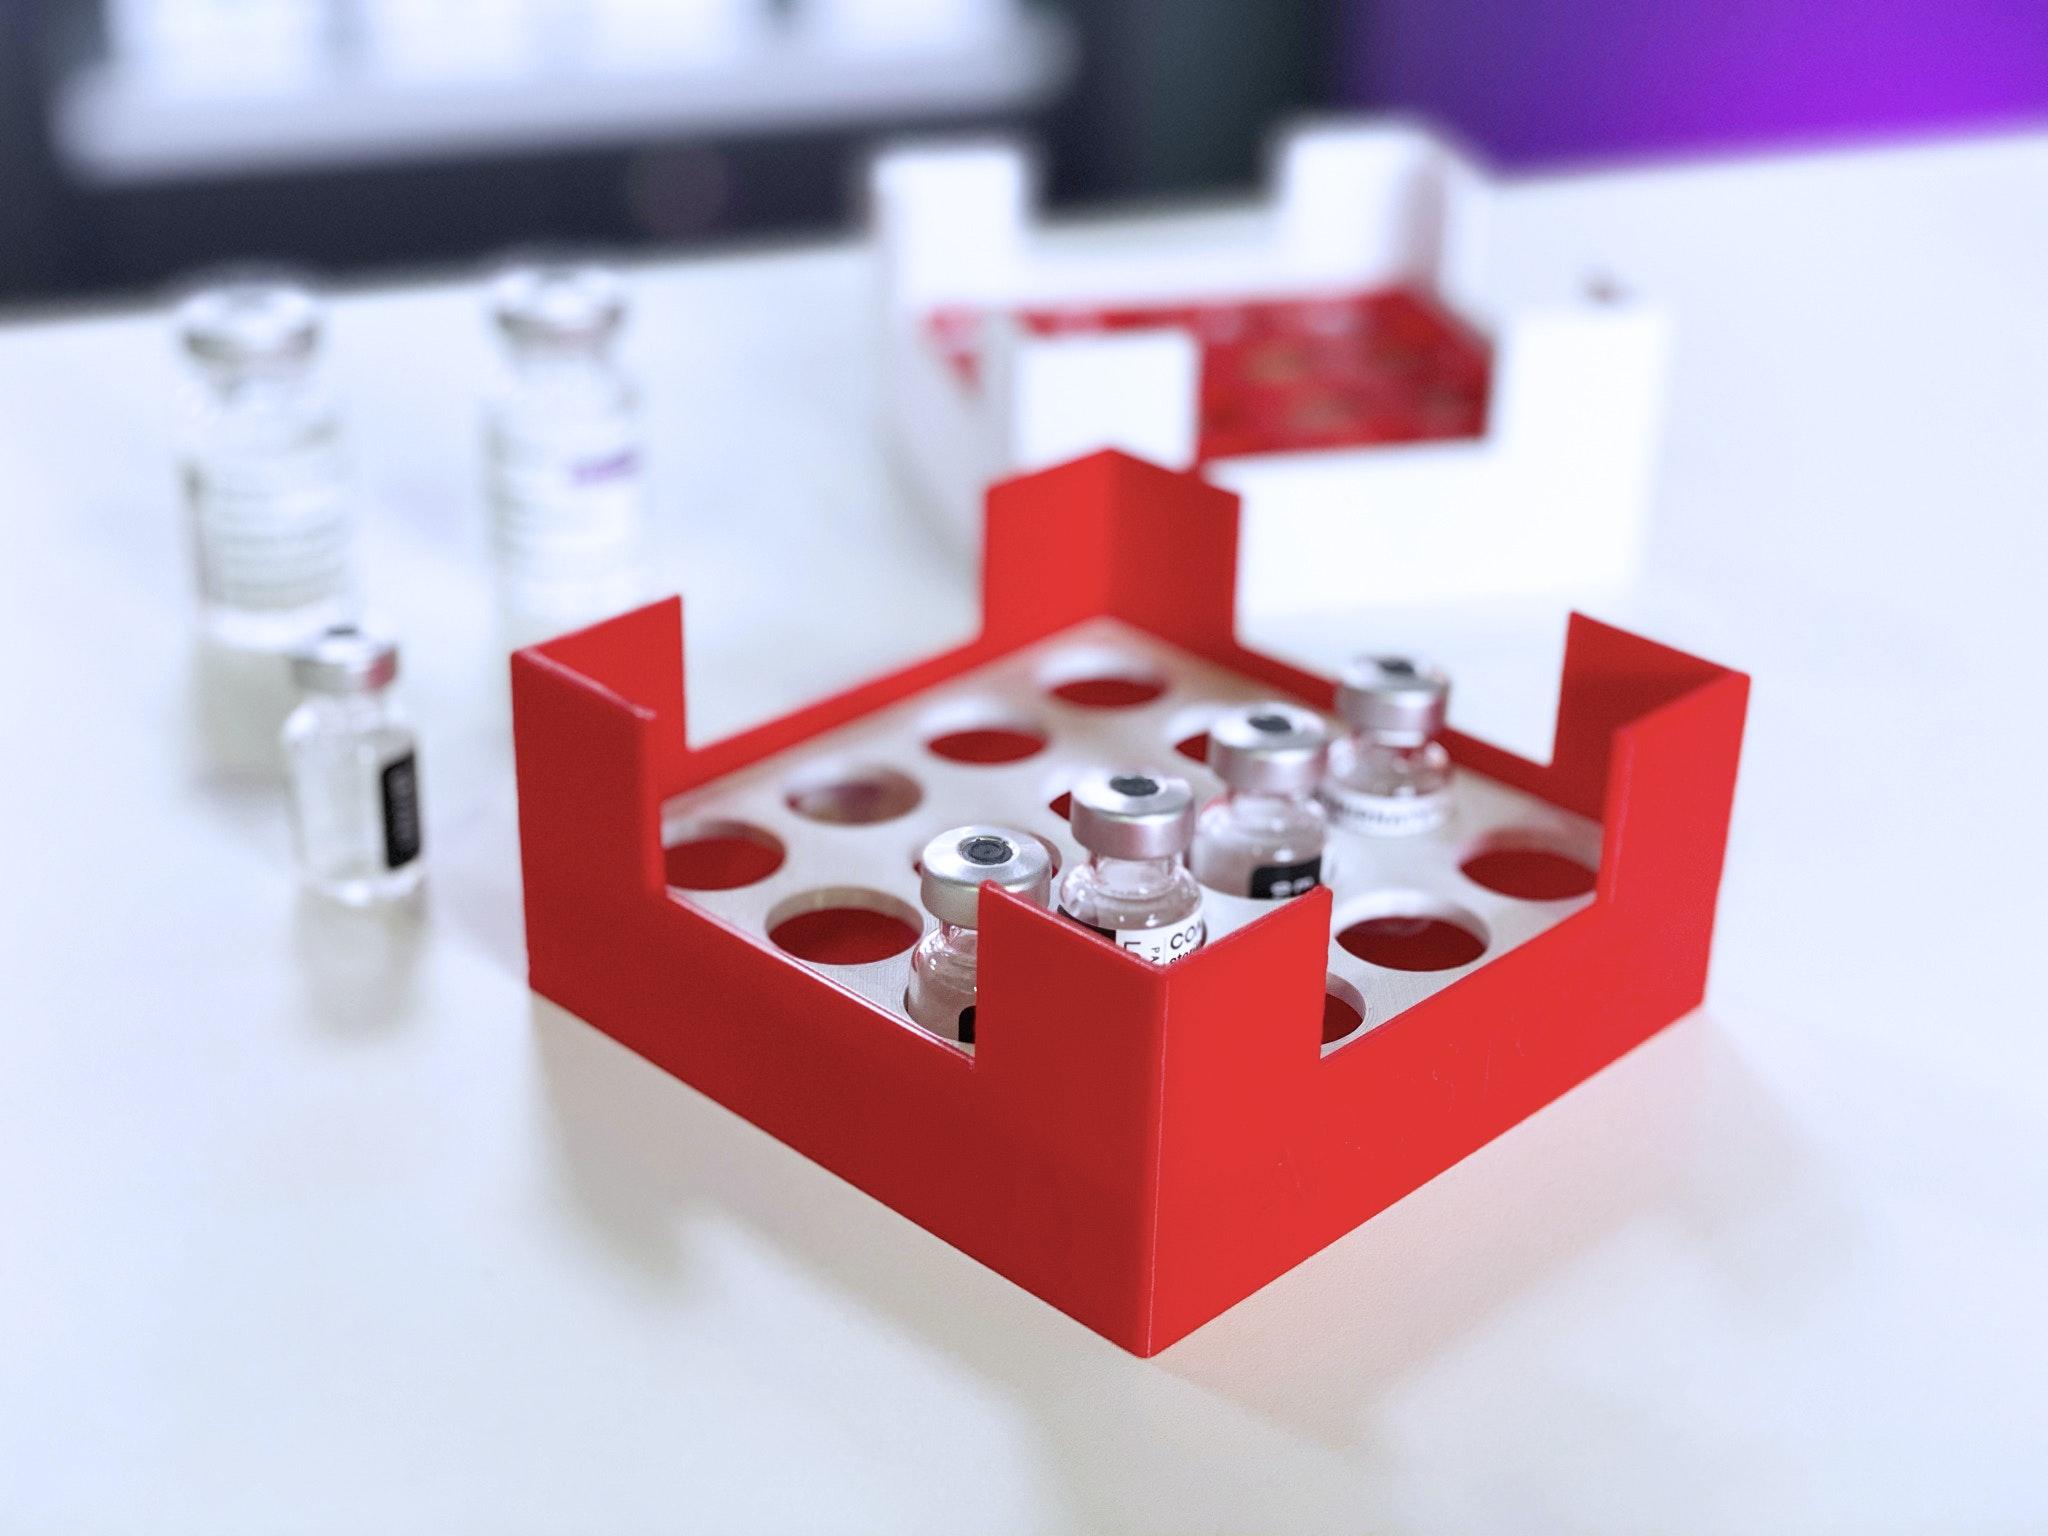 Impfstoff Transportbox (3D-Druck) - Übersicht Box und Vials - Knapp Smart Solutions, Apostore